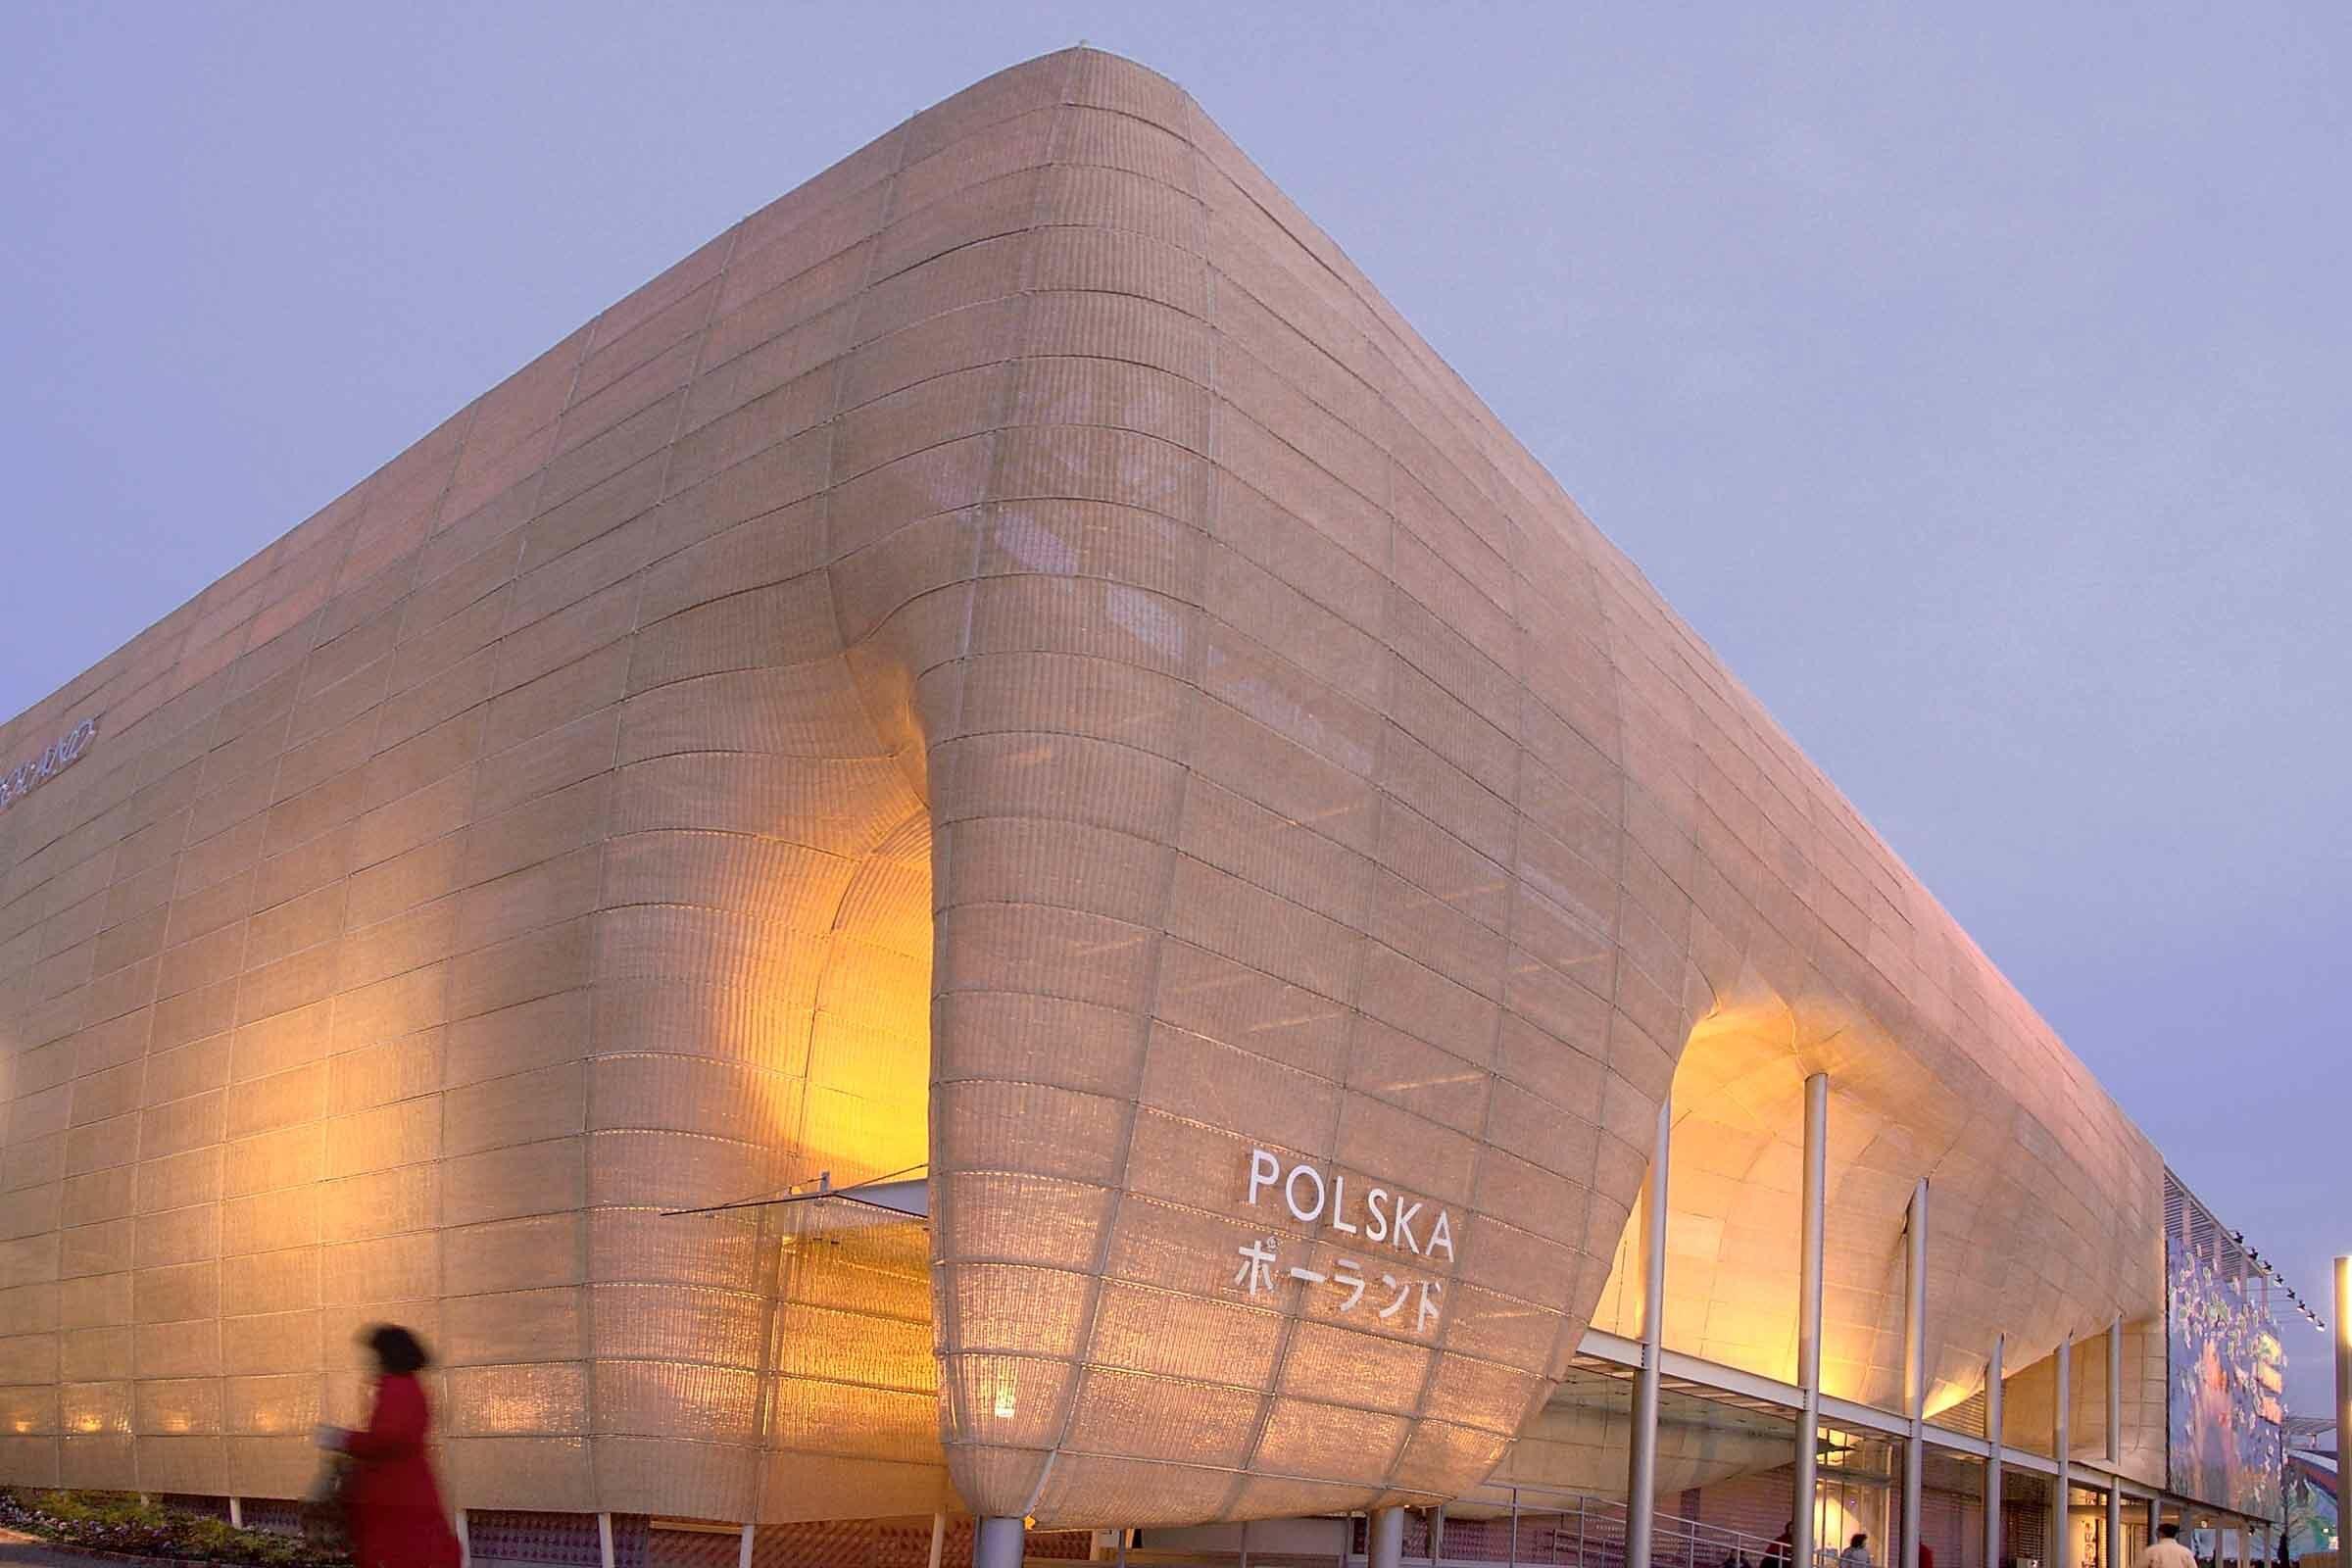 Polnischer Länderpavillon in Japan